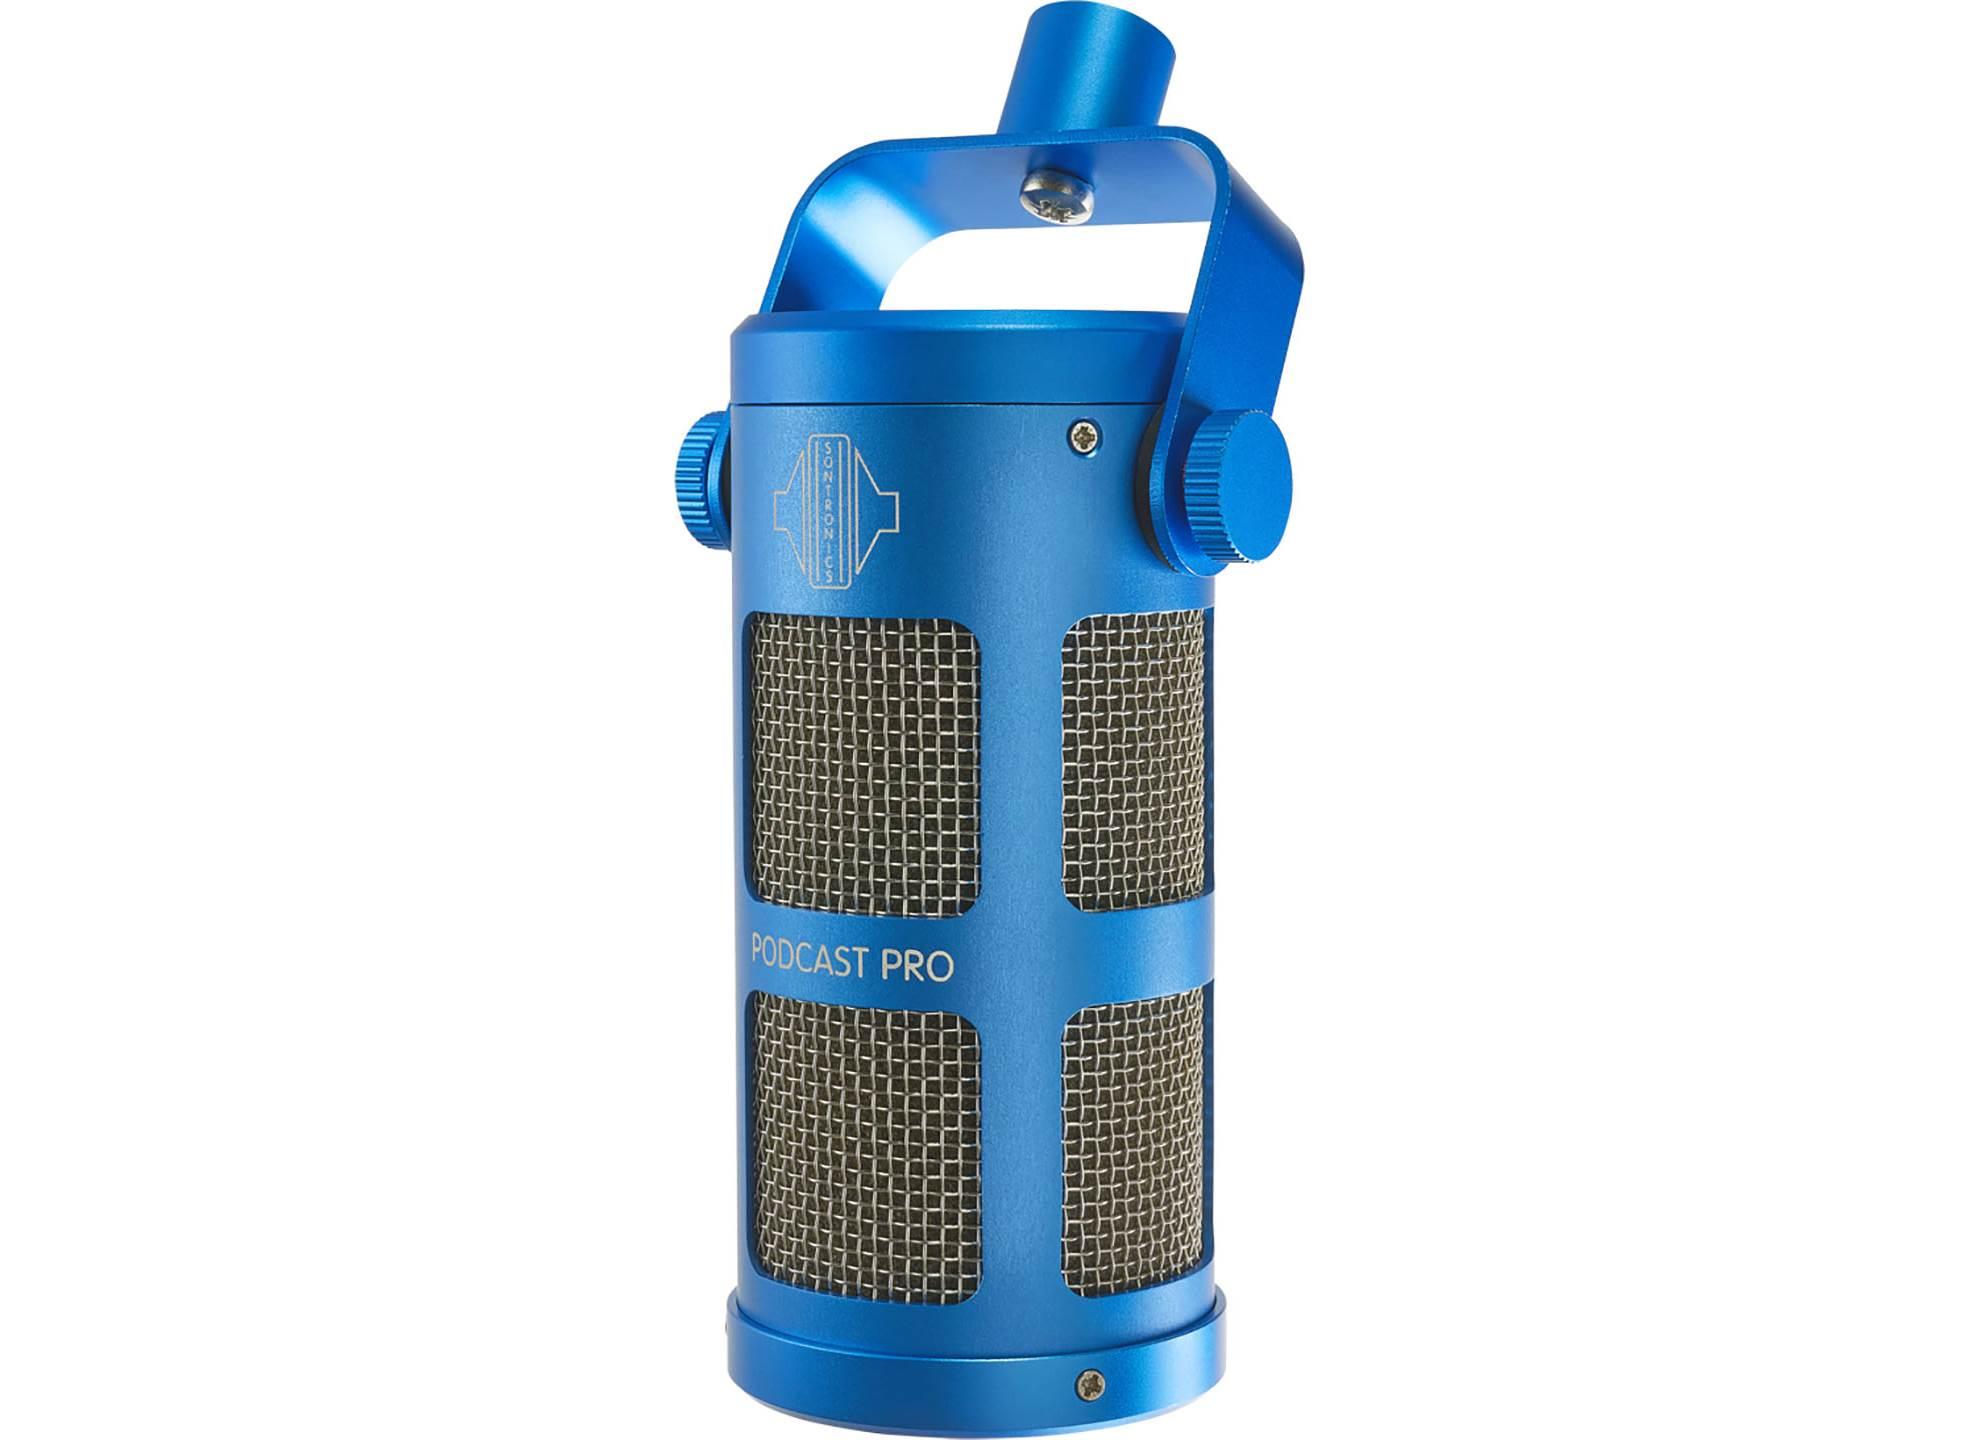 Podcast Pro Blue